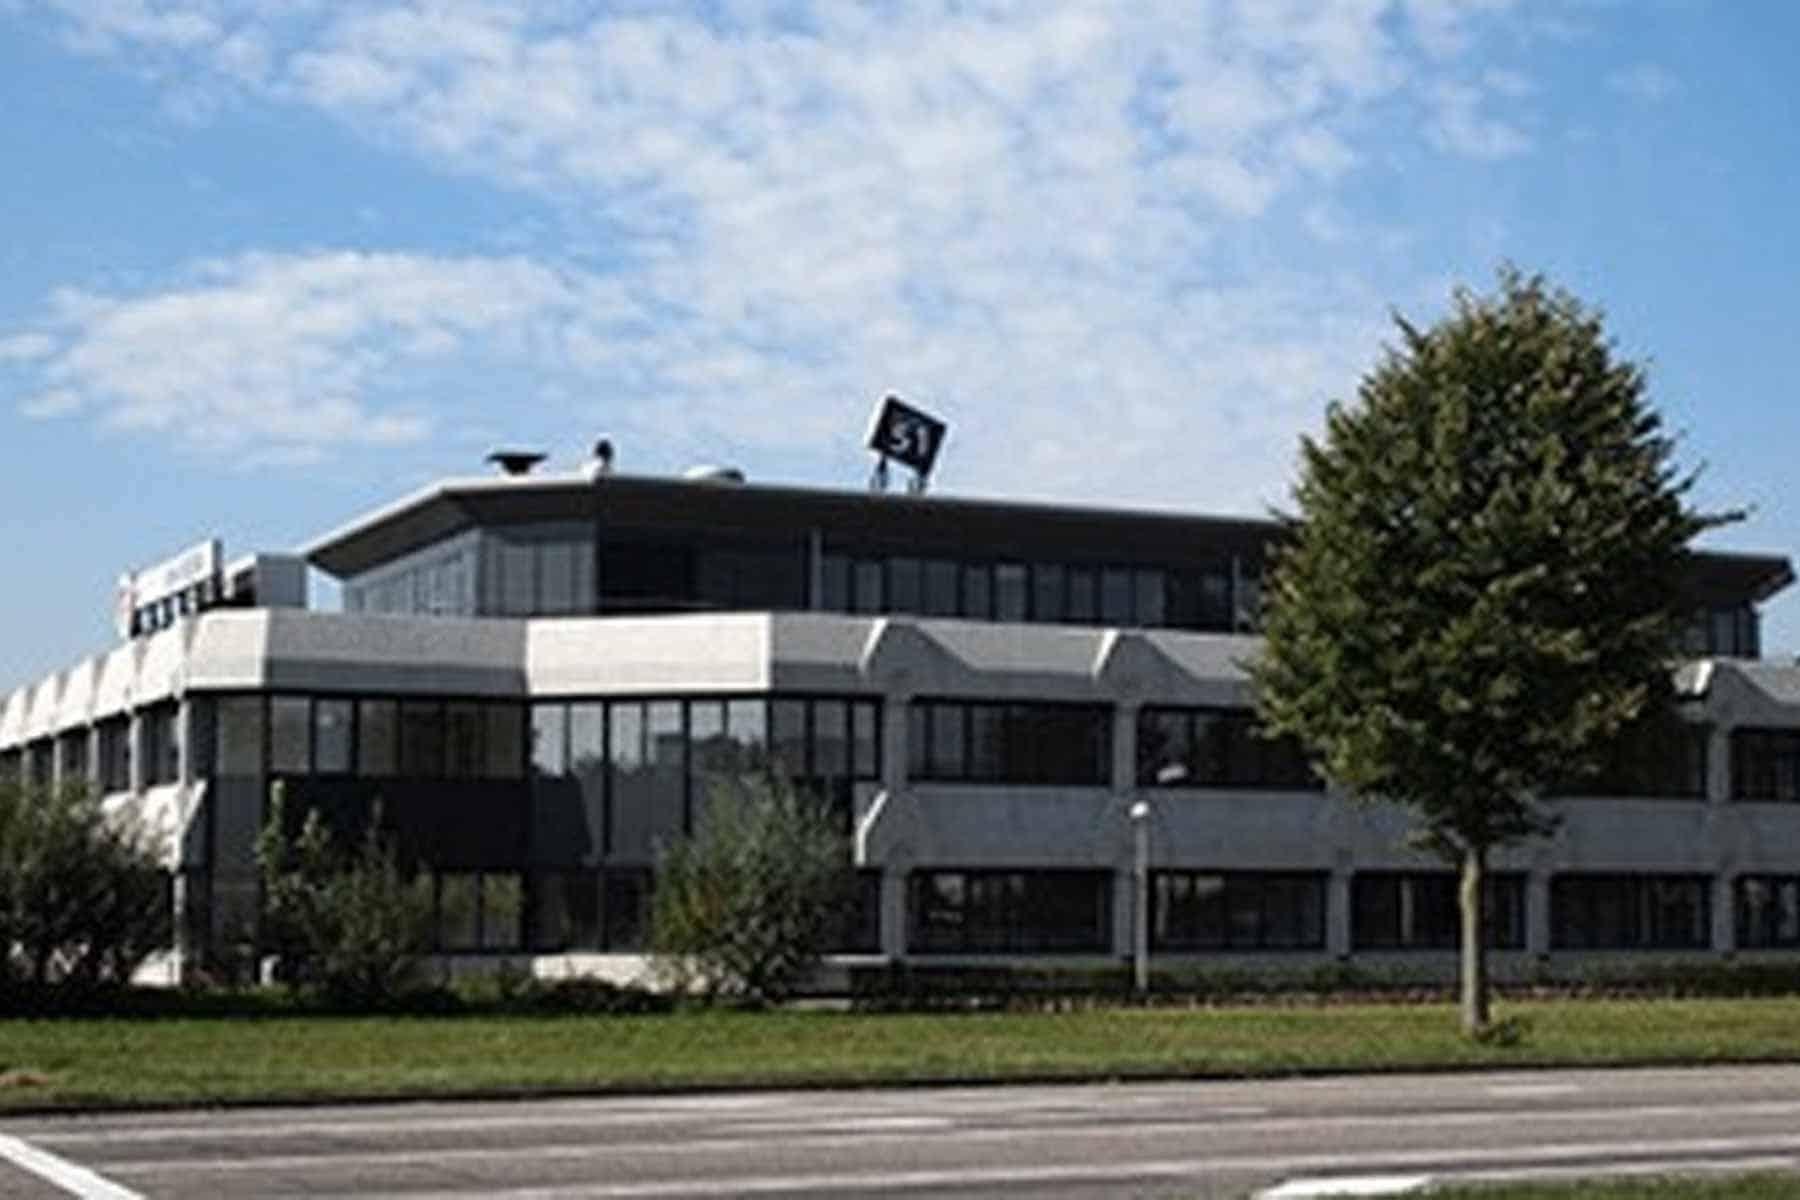 Vestiging Infoland in Nieuwegein